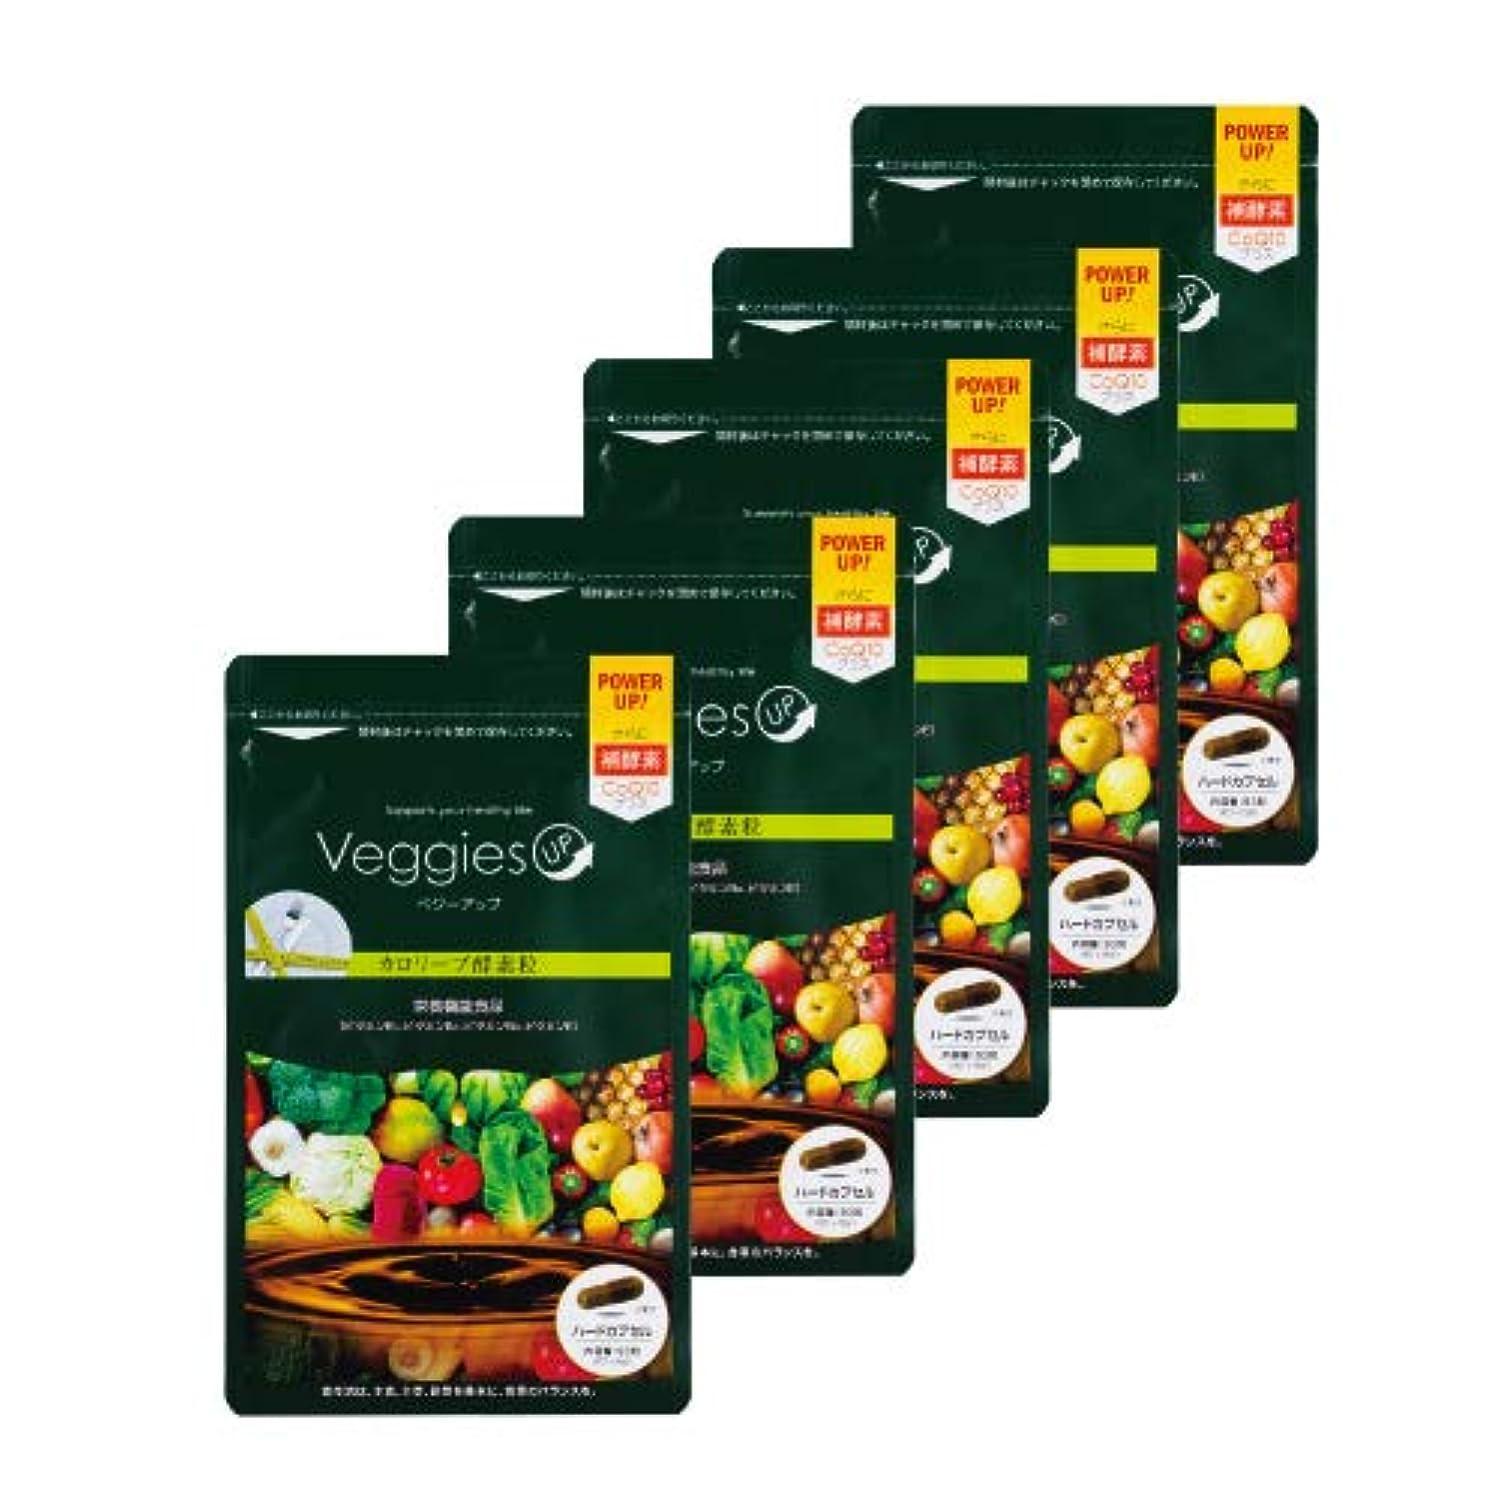 弾薬厚さ削るベジーアップ酵素粒カロリーブ 93粒 5袋セット ダイエット 酵素サプリ 酵素ダイエット サラシア コエンザイムQ10 竹炭